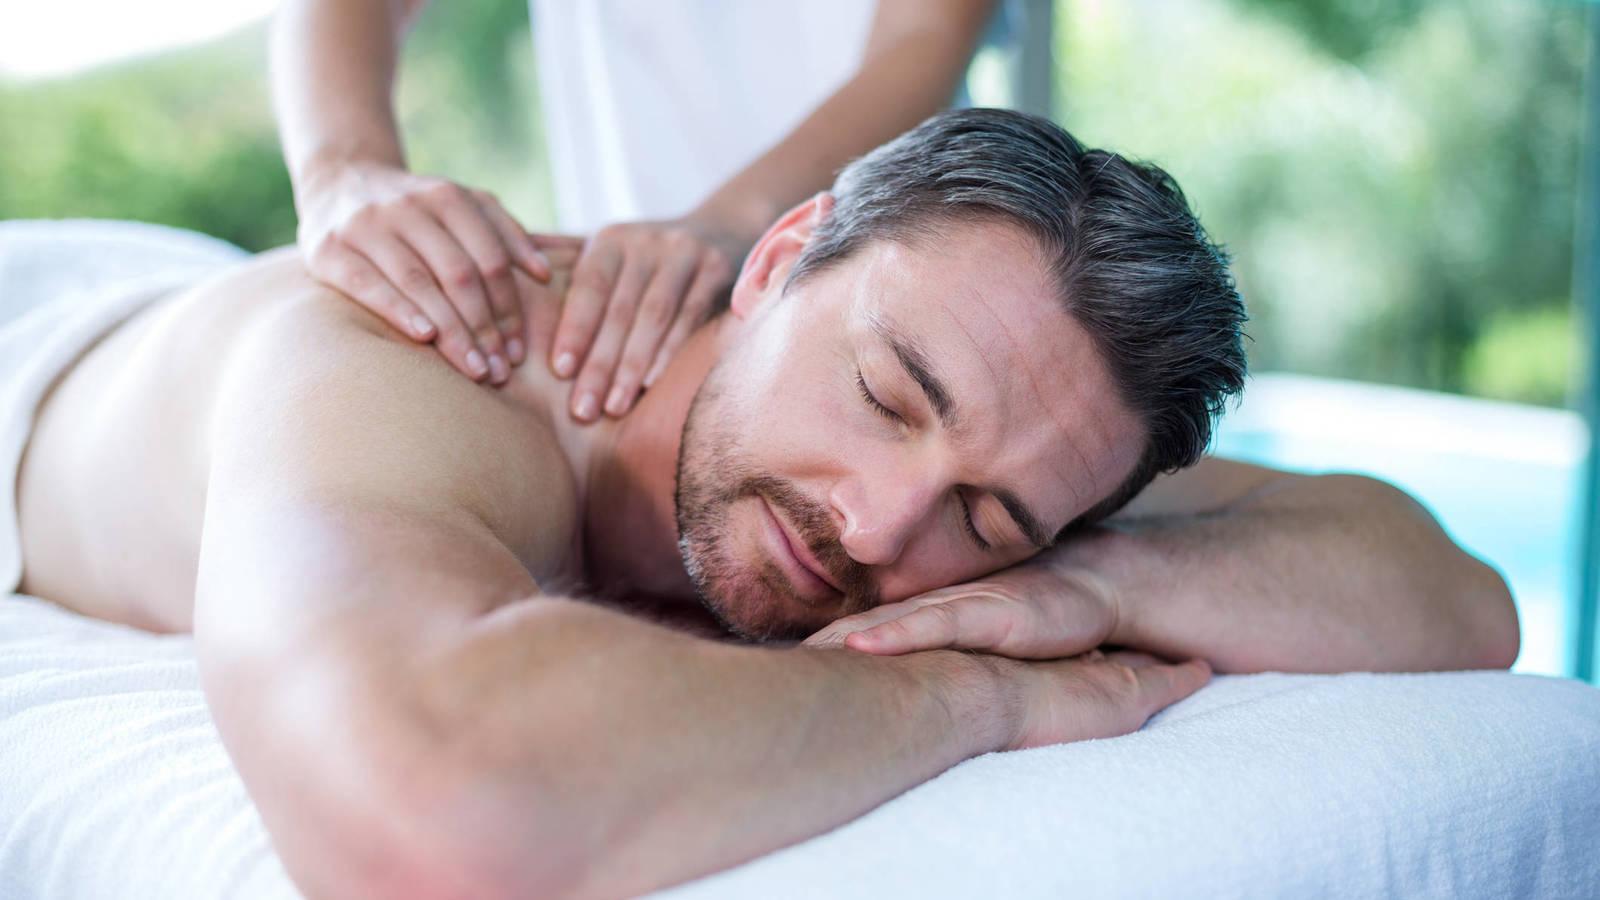 Las claves de la estimulacion masculina - Las claves de la estimulación masculina